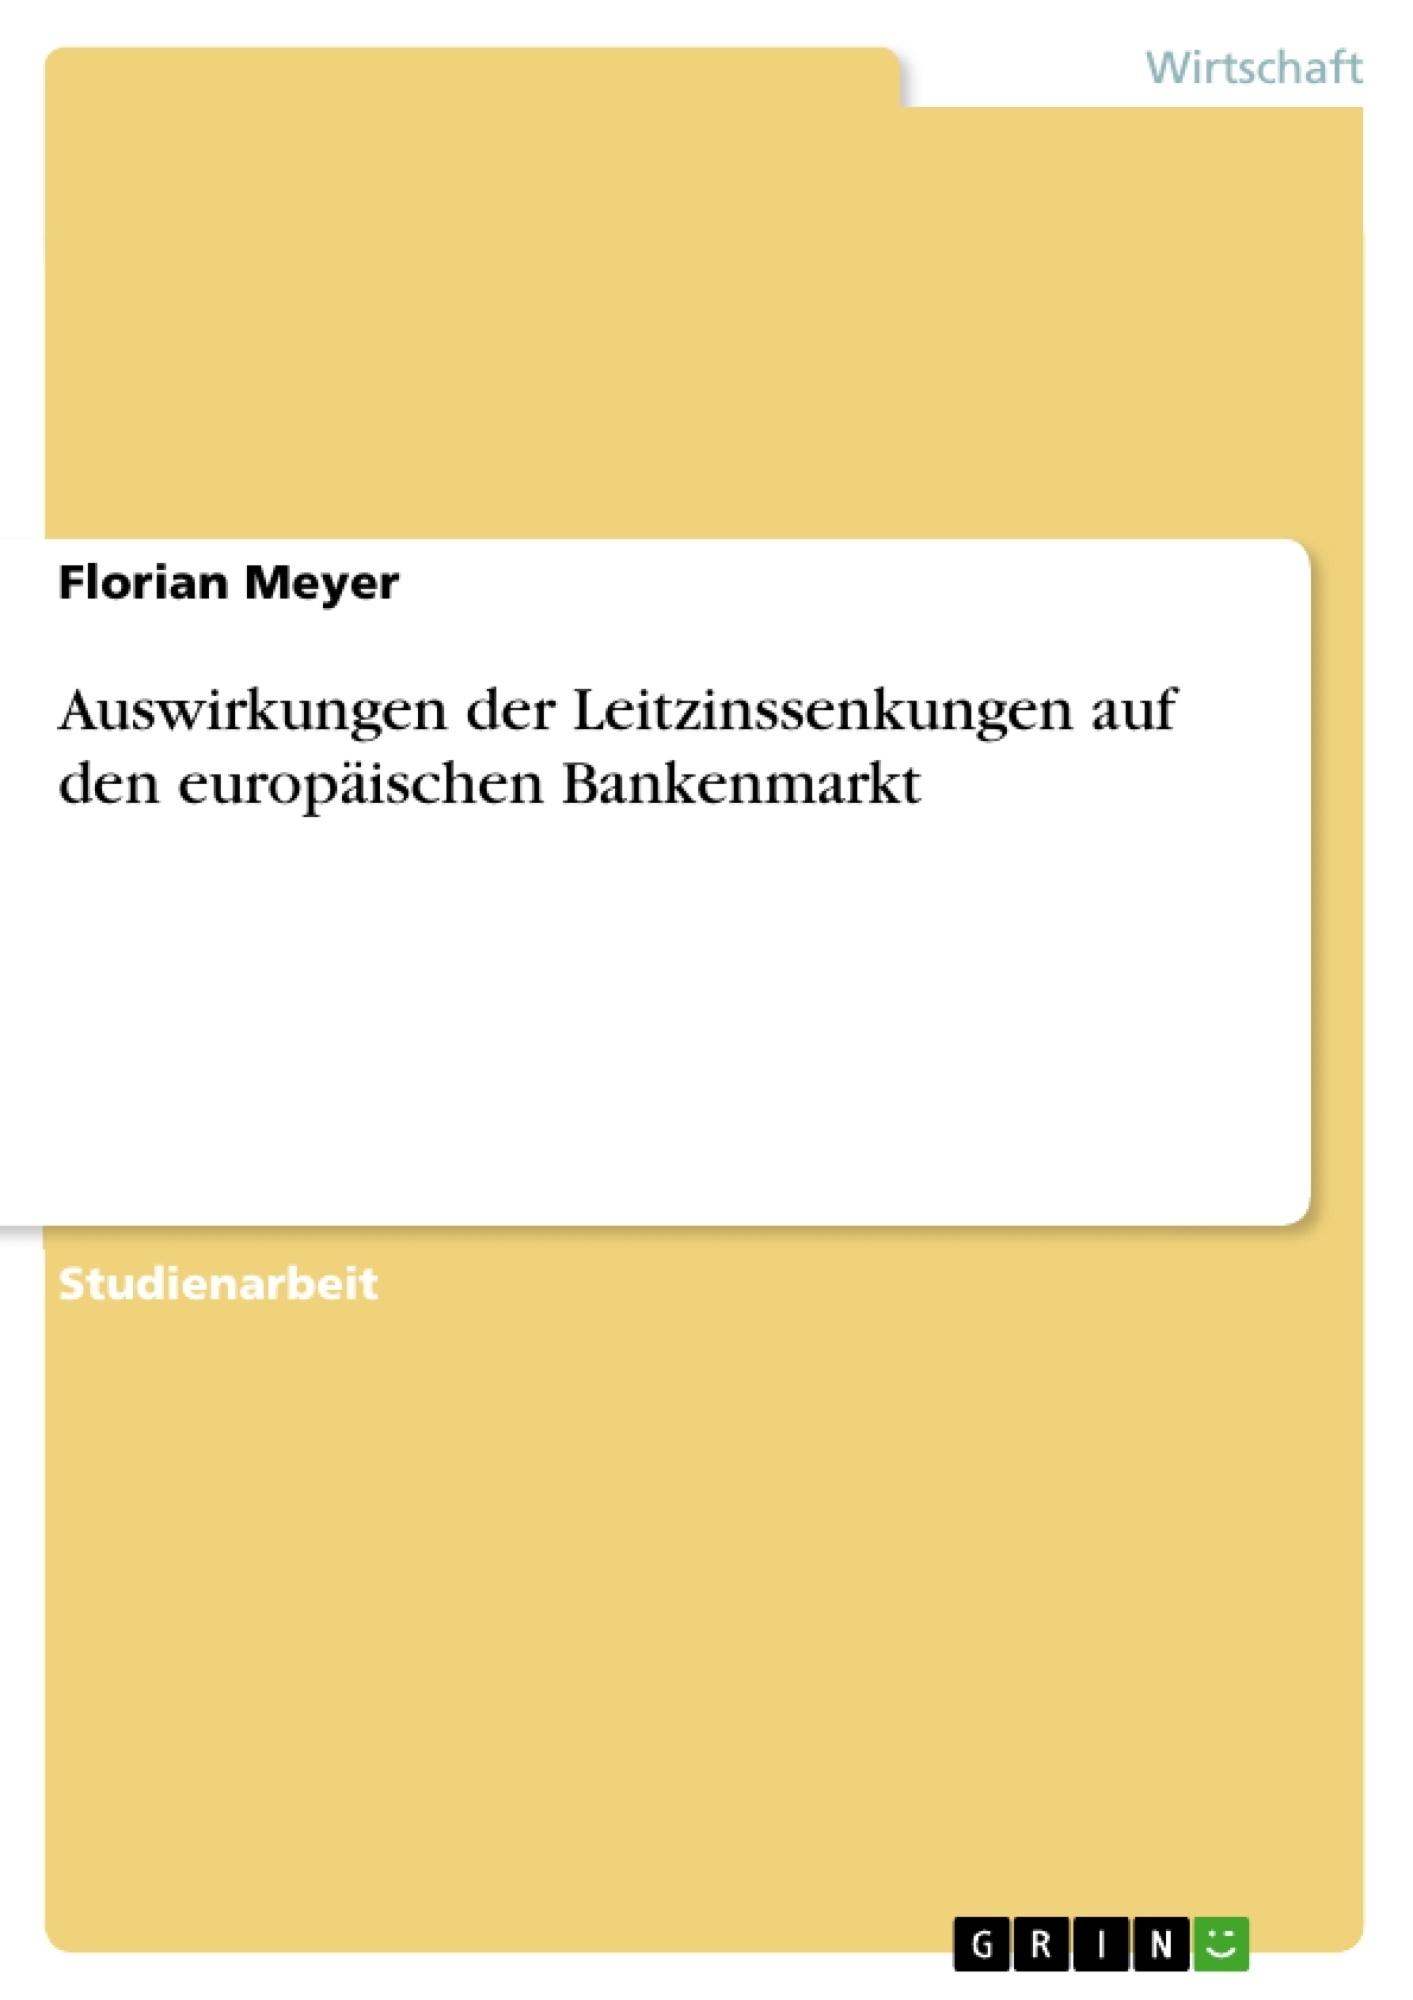 Titel: Auswirkungen der Leitzinssenkungen auf den europäischen Bankenmarkt